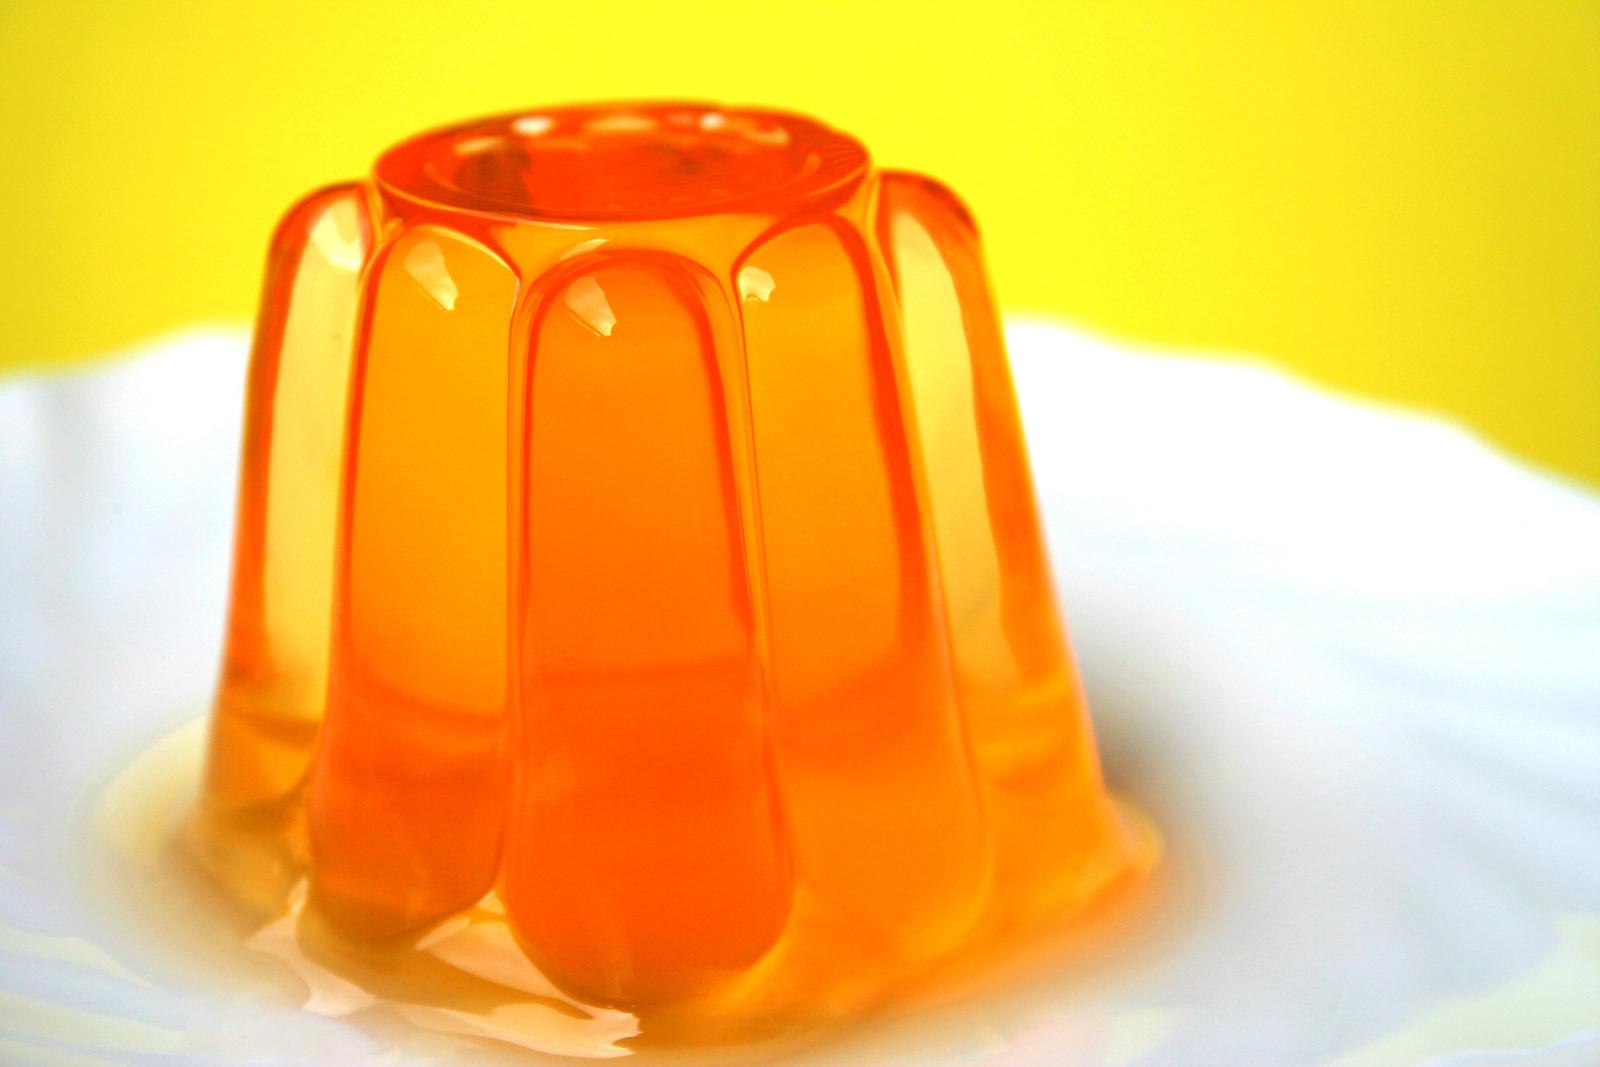 gelatina para emagrecer